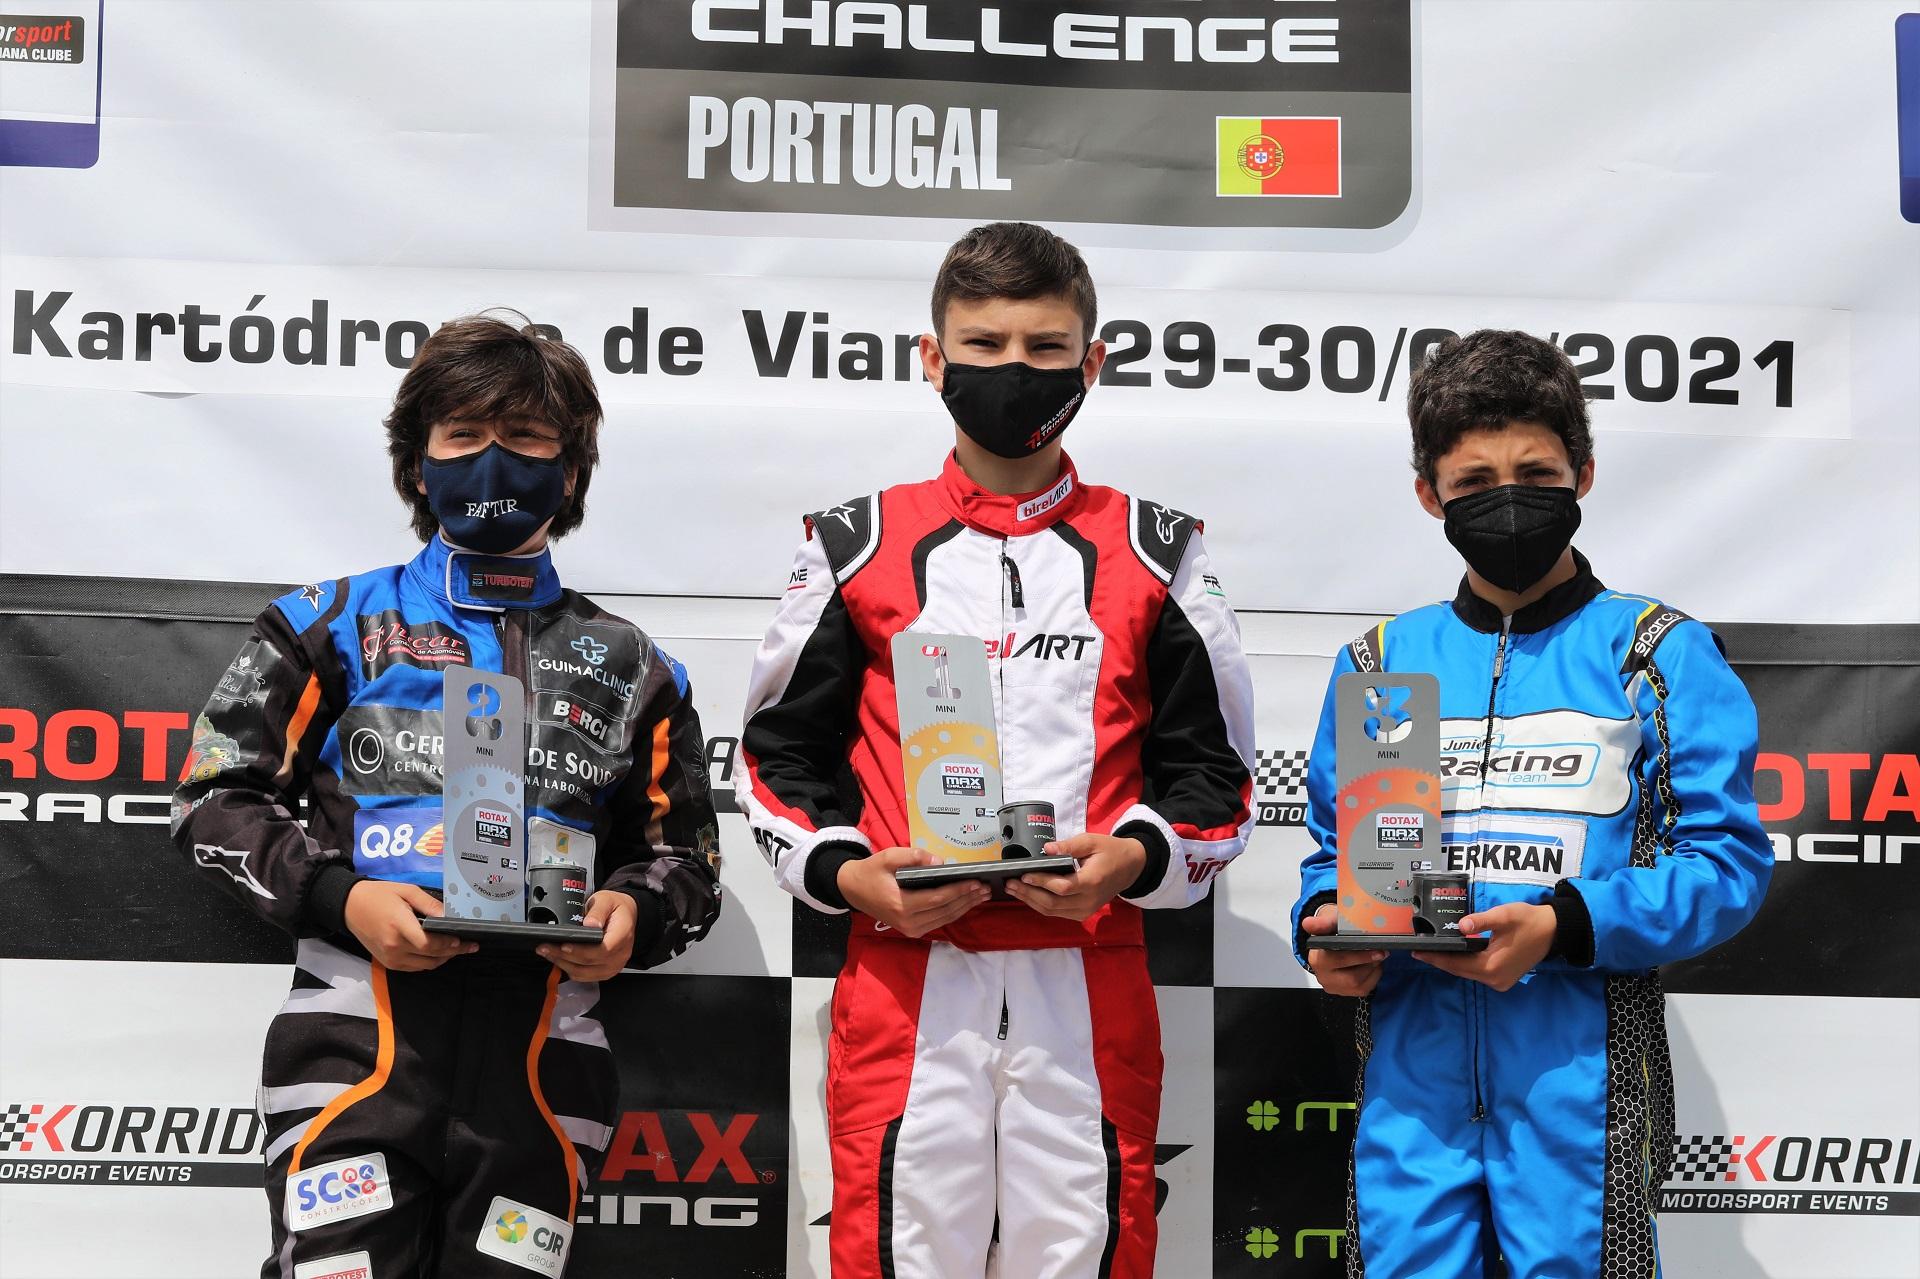 Salvador Trindade volta a triunfar no Troféu Rotax da categoria Mini-Max